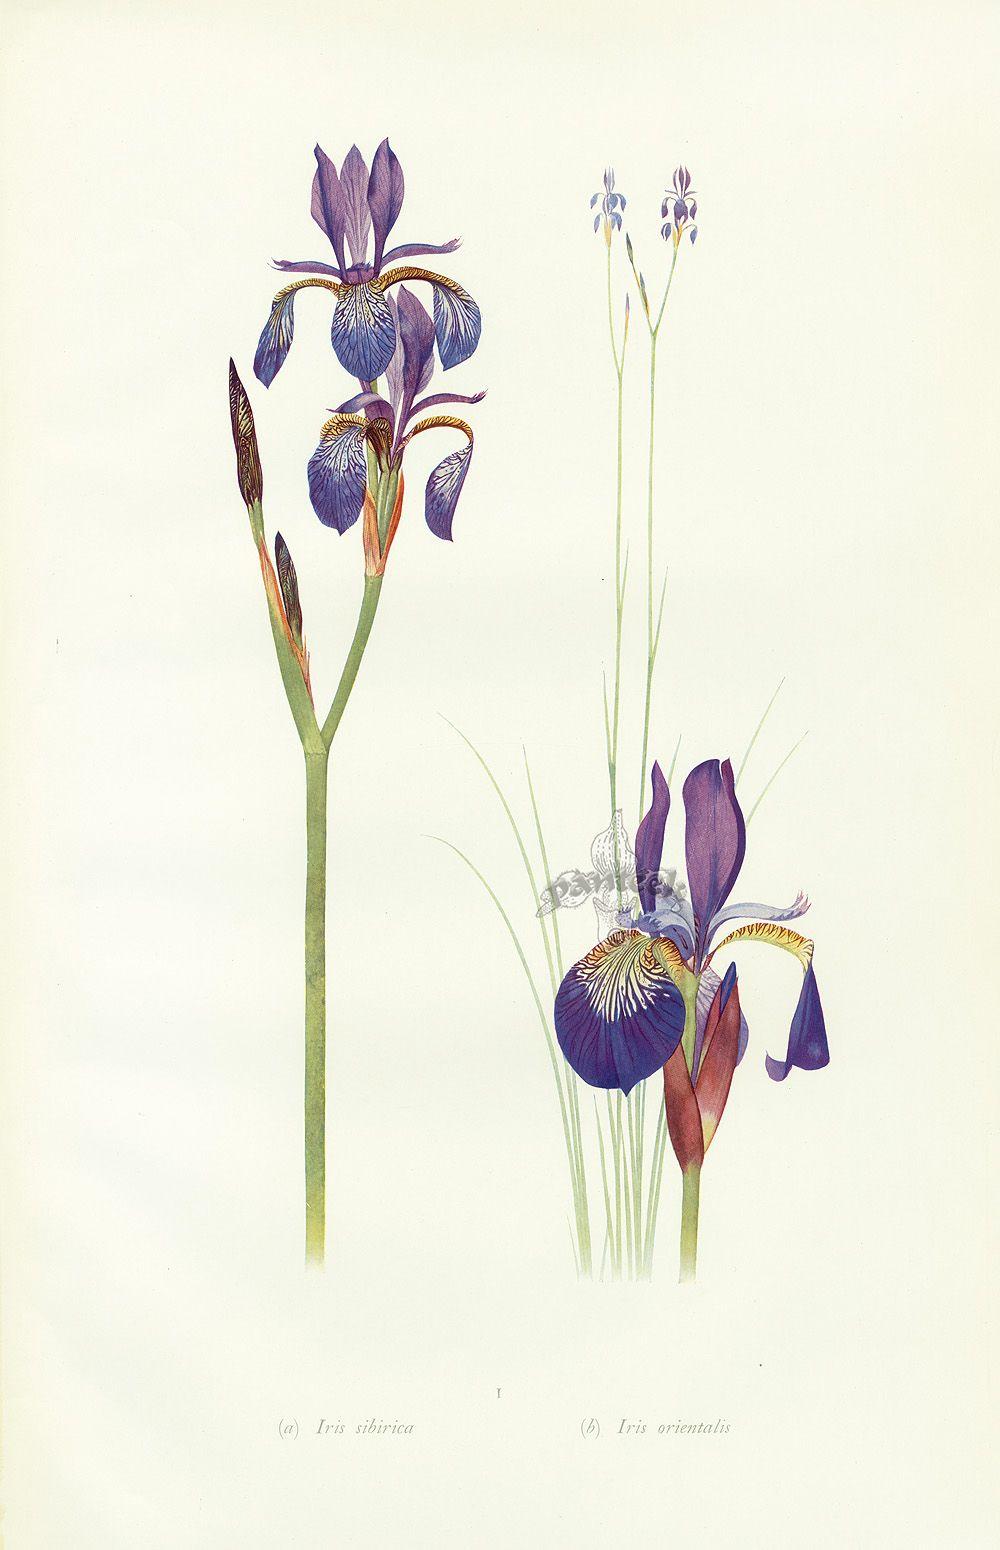 Iris sibirica iris orientalis antique botanical prints iris sibirica iris orientalis izmirmasajfo